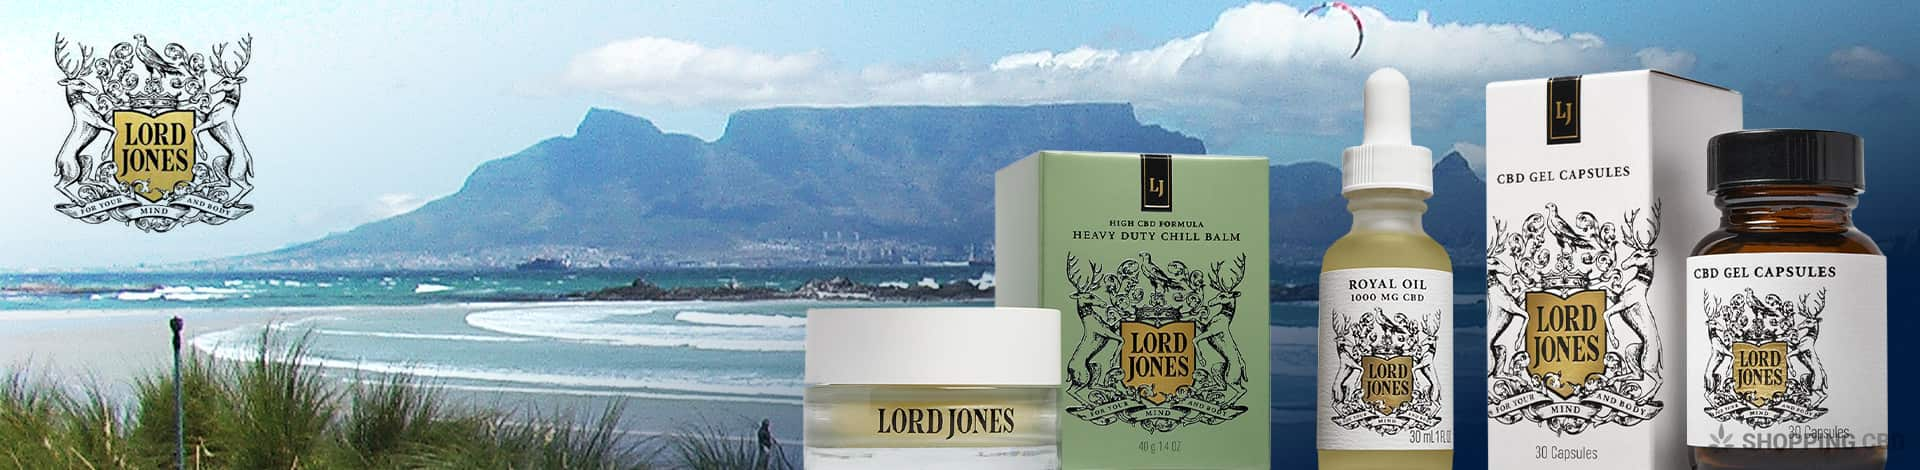 Lord Jones Royal CBD